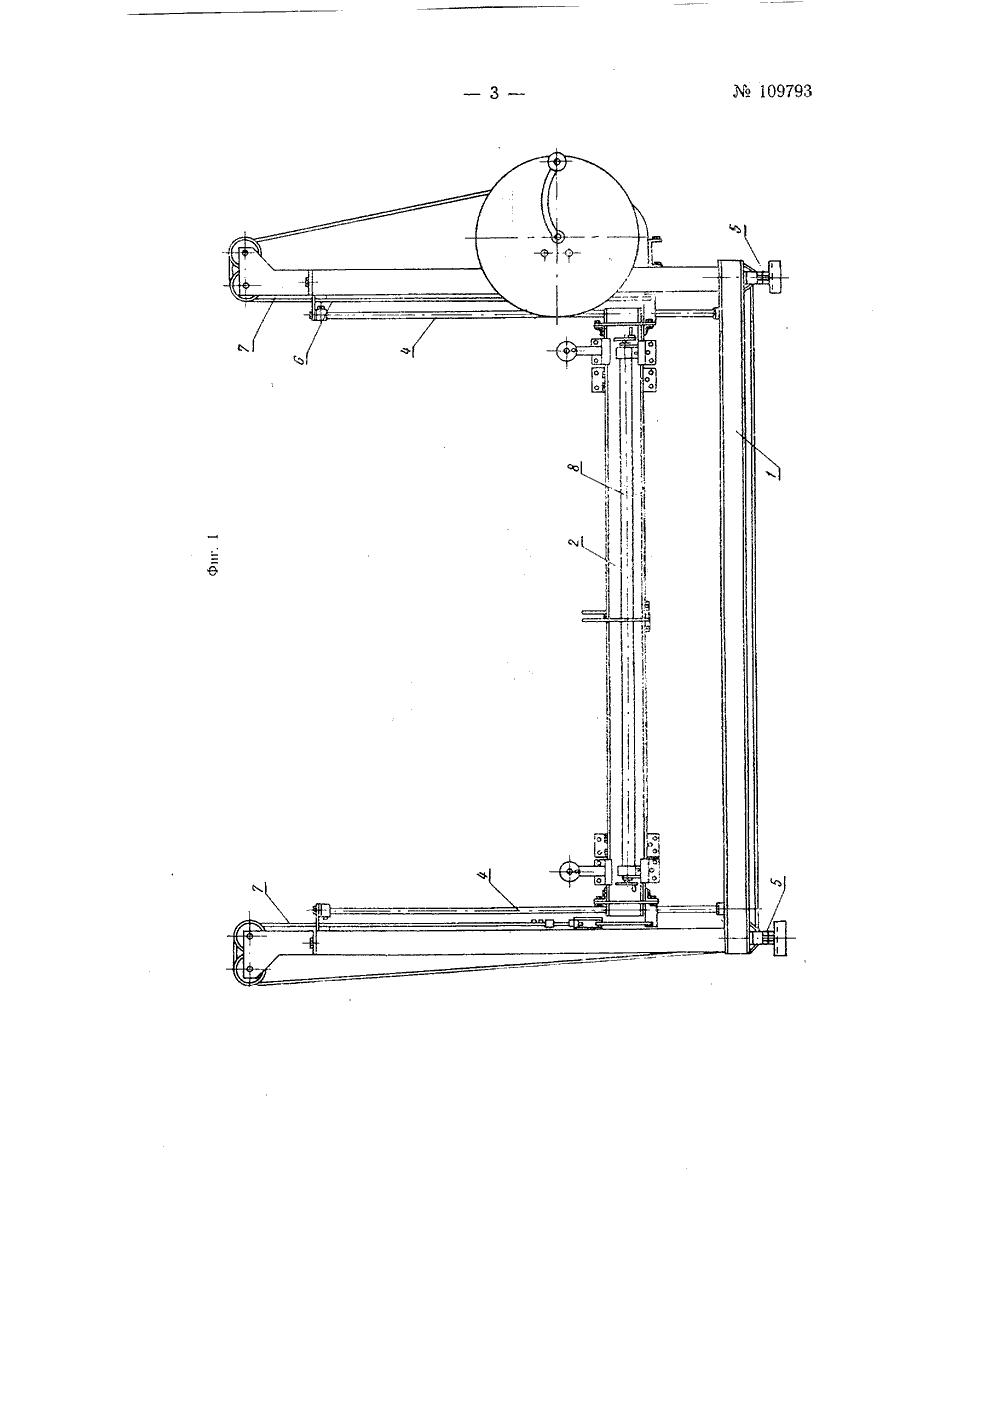 Станок для изготовления кирпичных блоков - Патент СССР 01.01.1957 - SU 109793 База патентов СССР